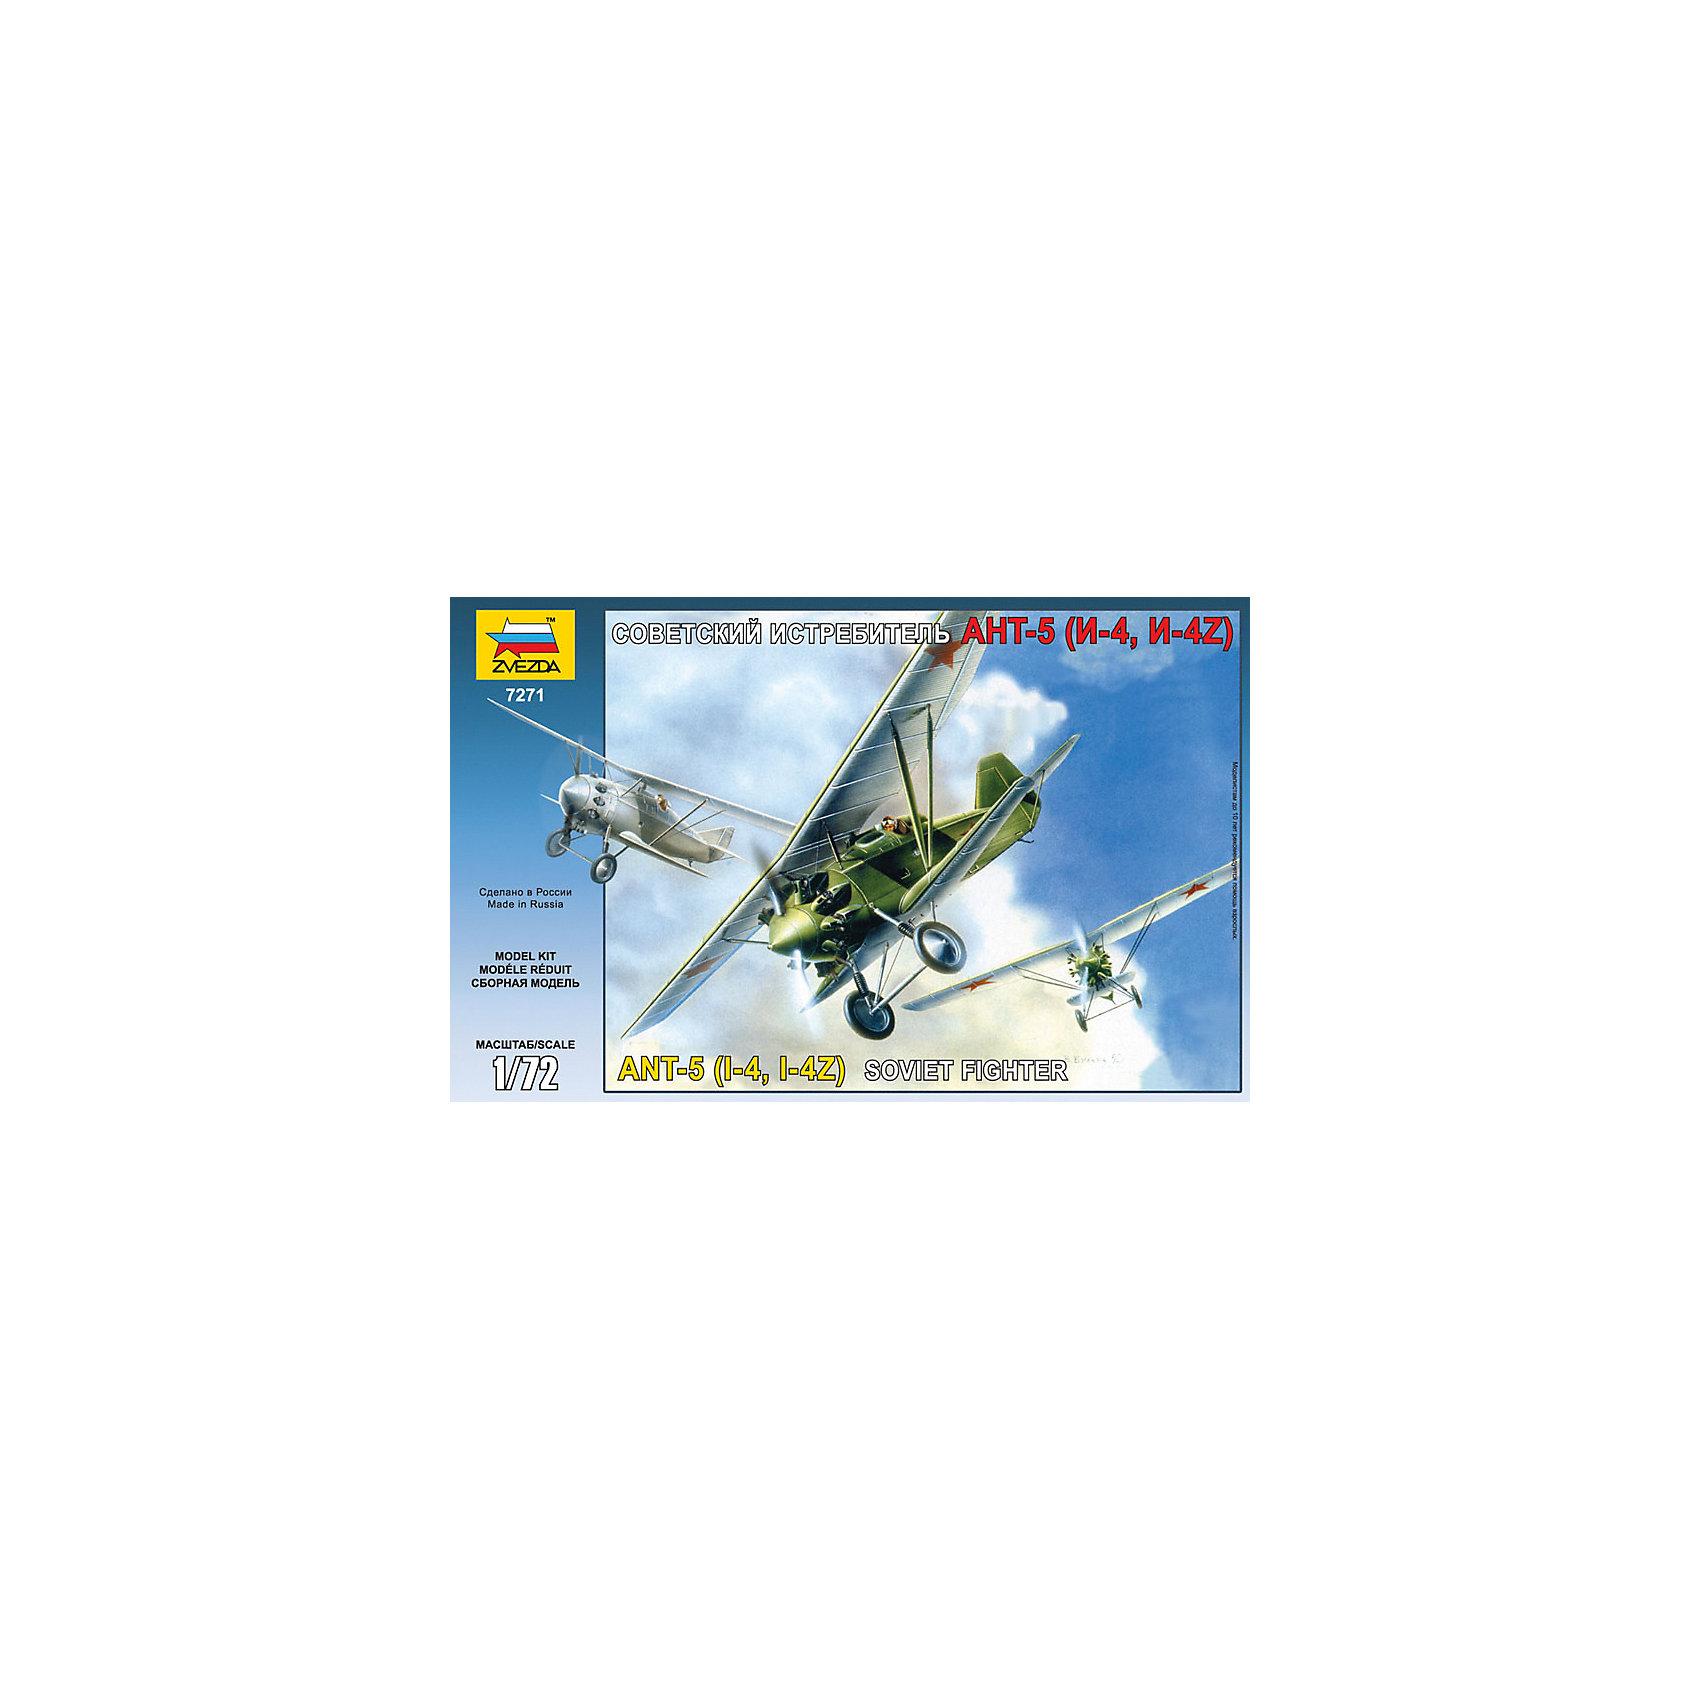 Сборная модель Звезда Самолет АНТ-5(И-4), 1:72Модели для склеивания<br>Модель сборная Самолет АНТ-5(И-4) (Россия)<br><br>Ширина мм: 258<br>Глубина мм: 38<br>Высота мм: 162<br>Вес г: 120<br>Возраст от месяцев: 36<br>Возраст до месяцев: 180<br>Пол: Мужской<br>Возраст: Детский<br>SKU: 7086542